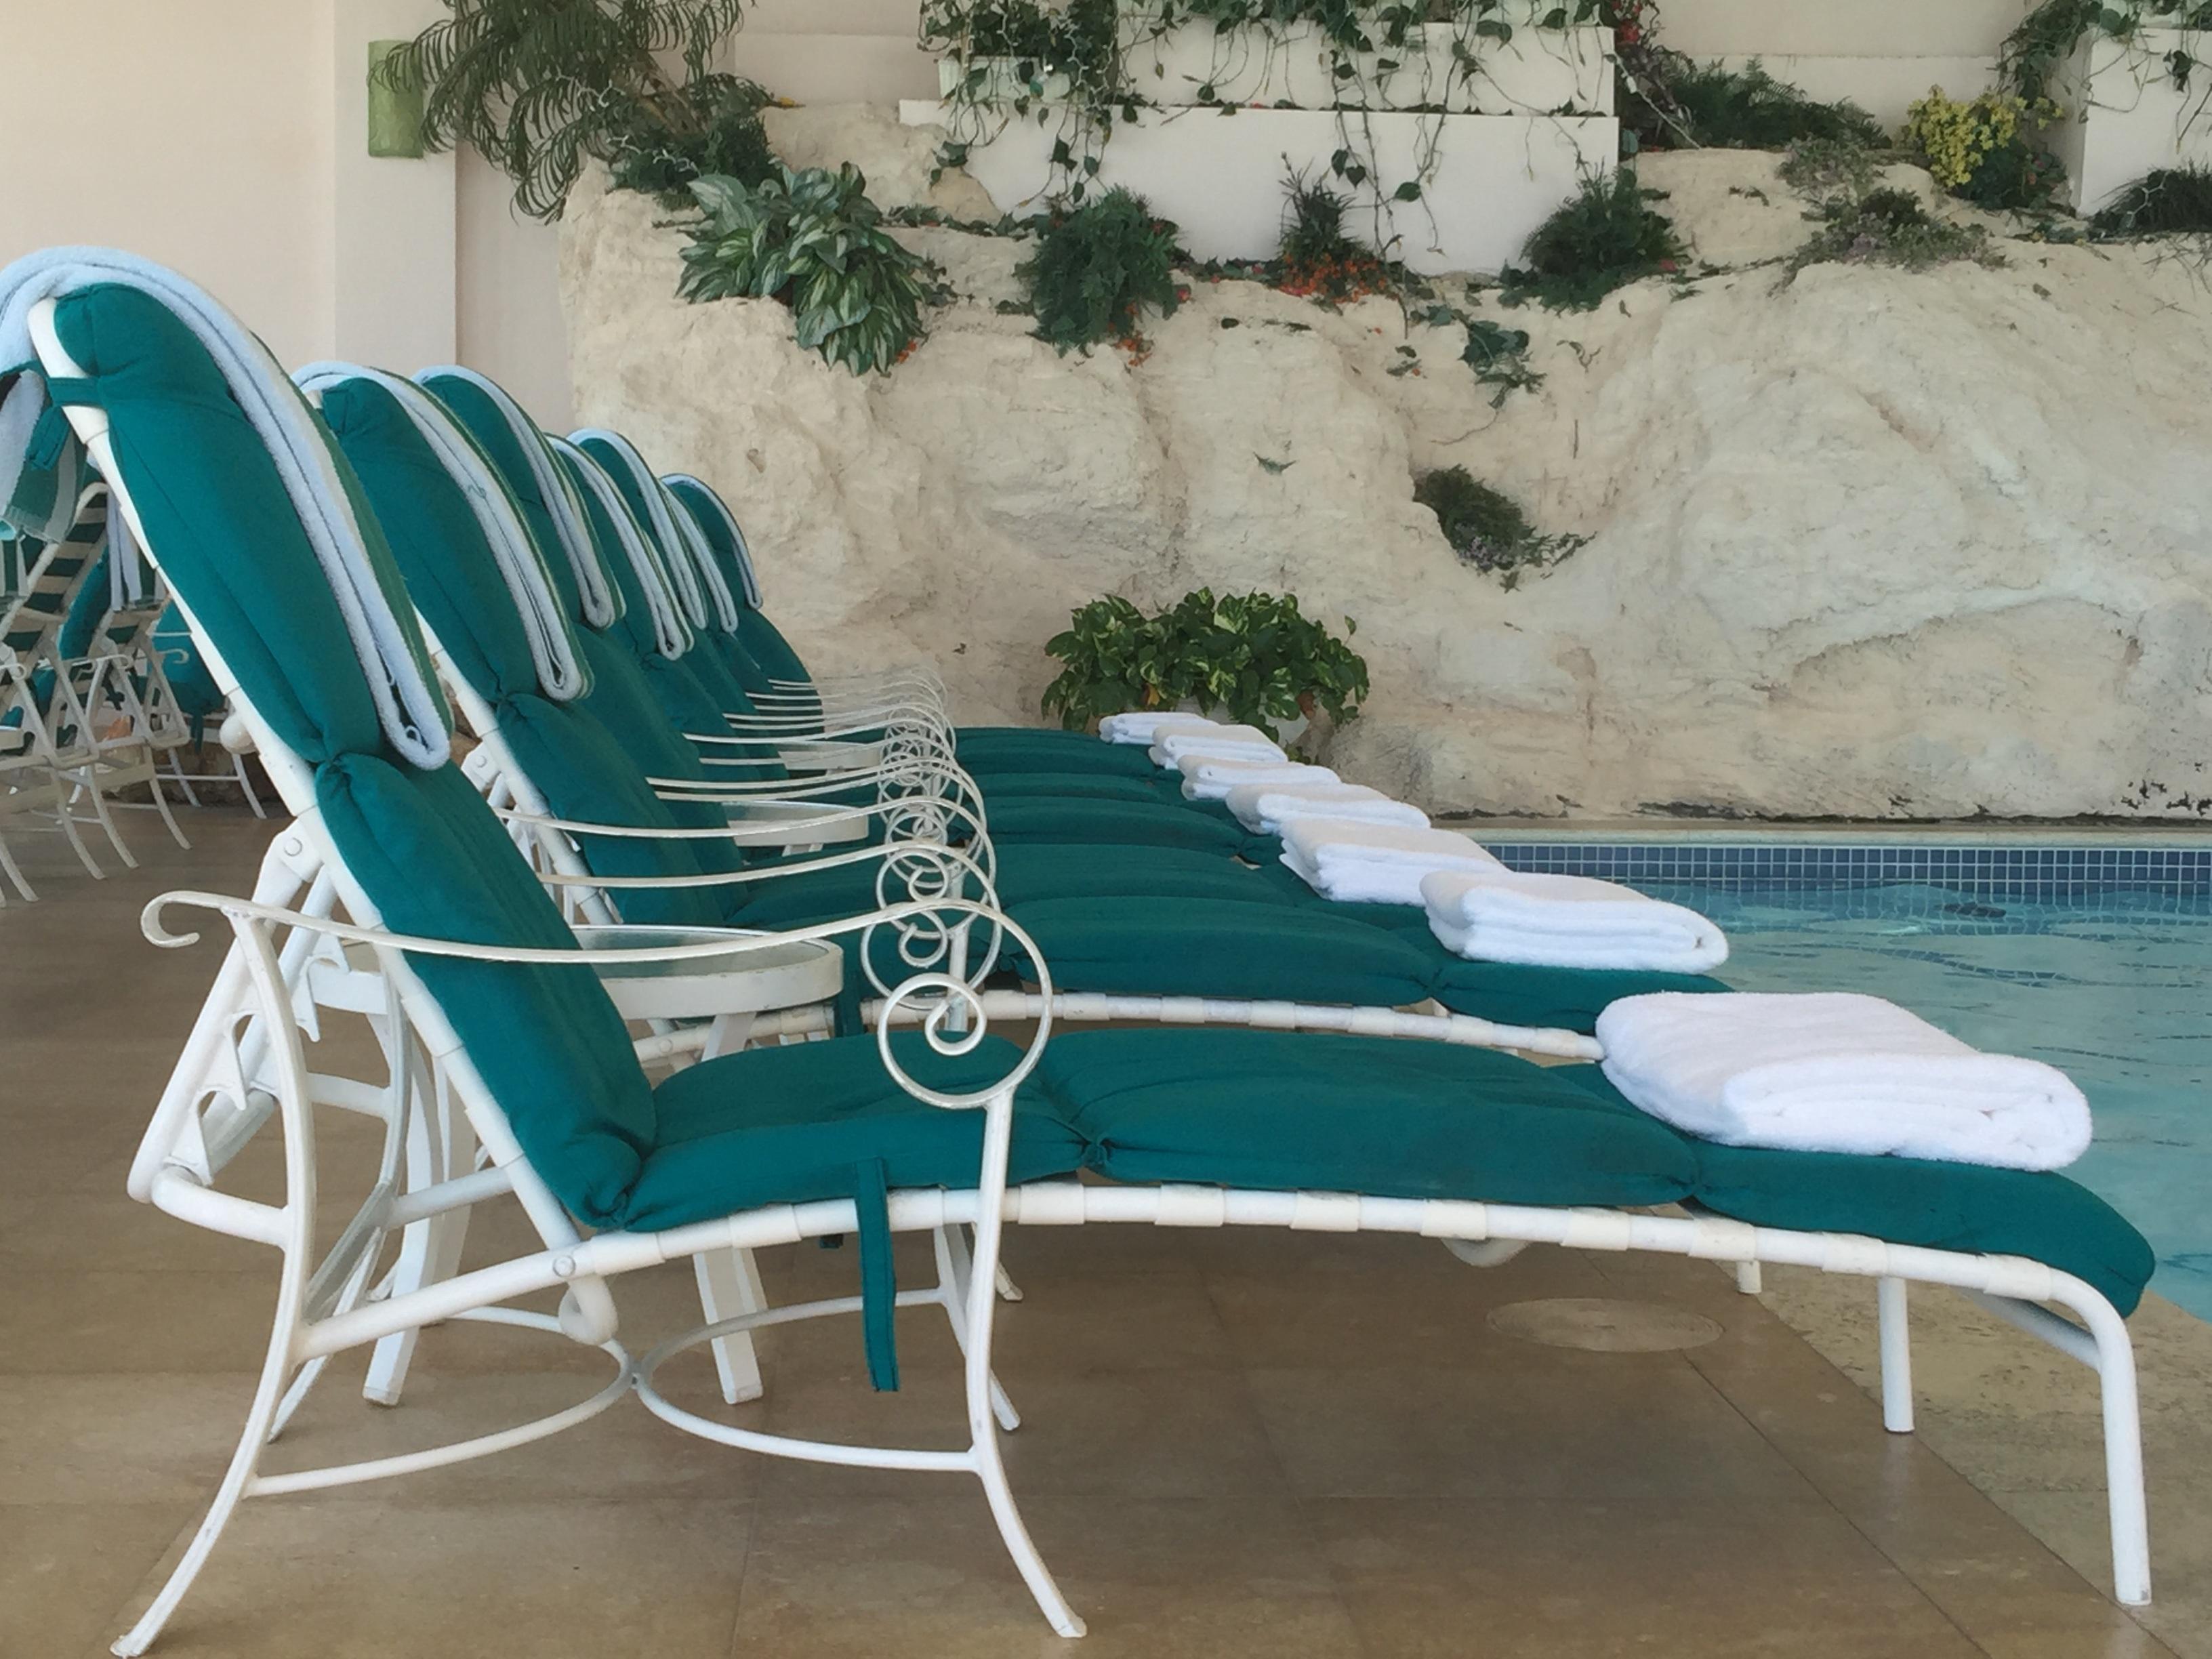 Fotos gratis mesa banco silla piscina ocio salud for Sillas para piscina